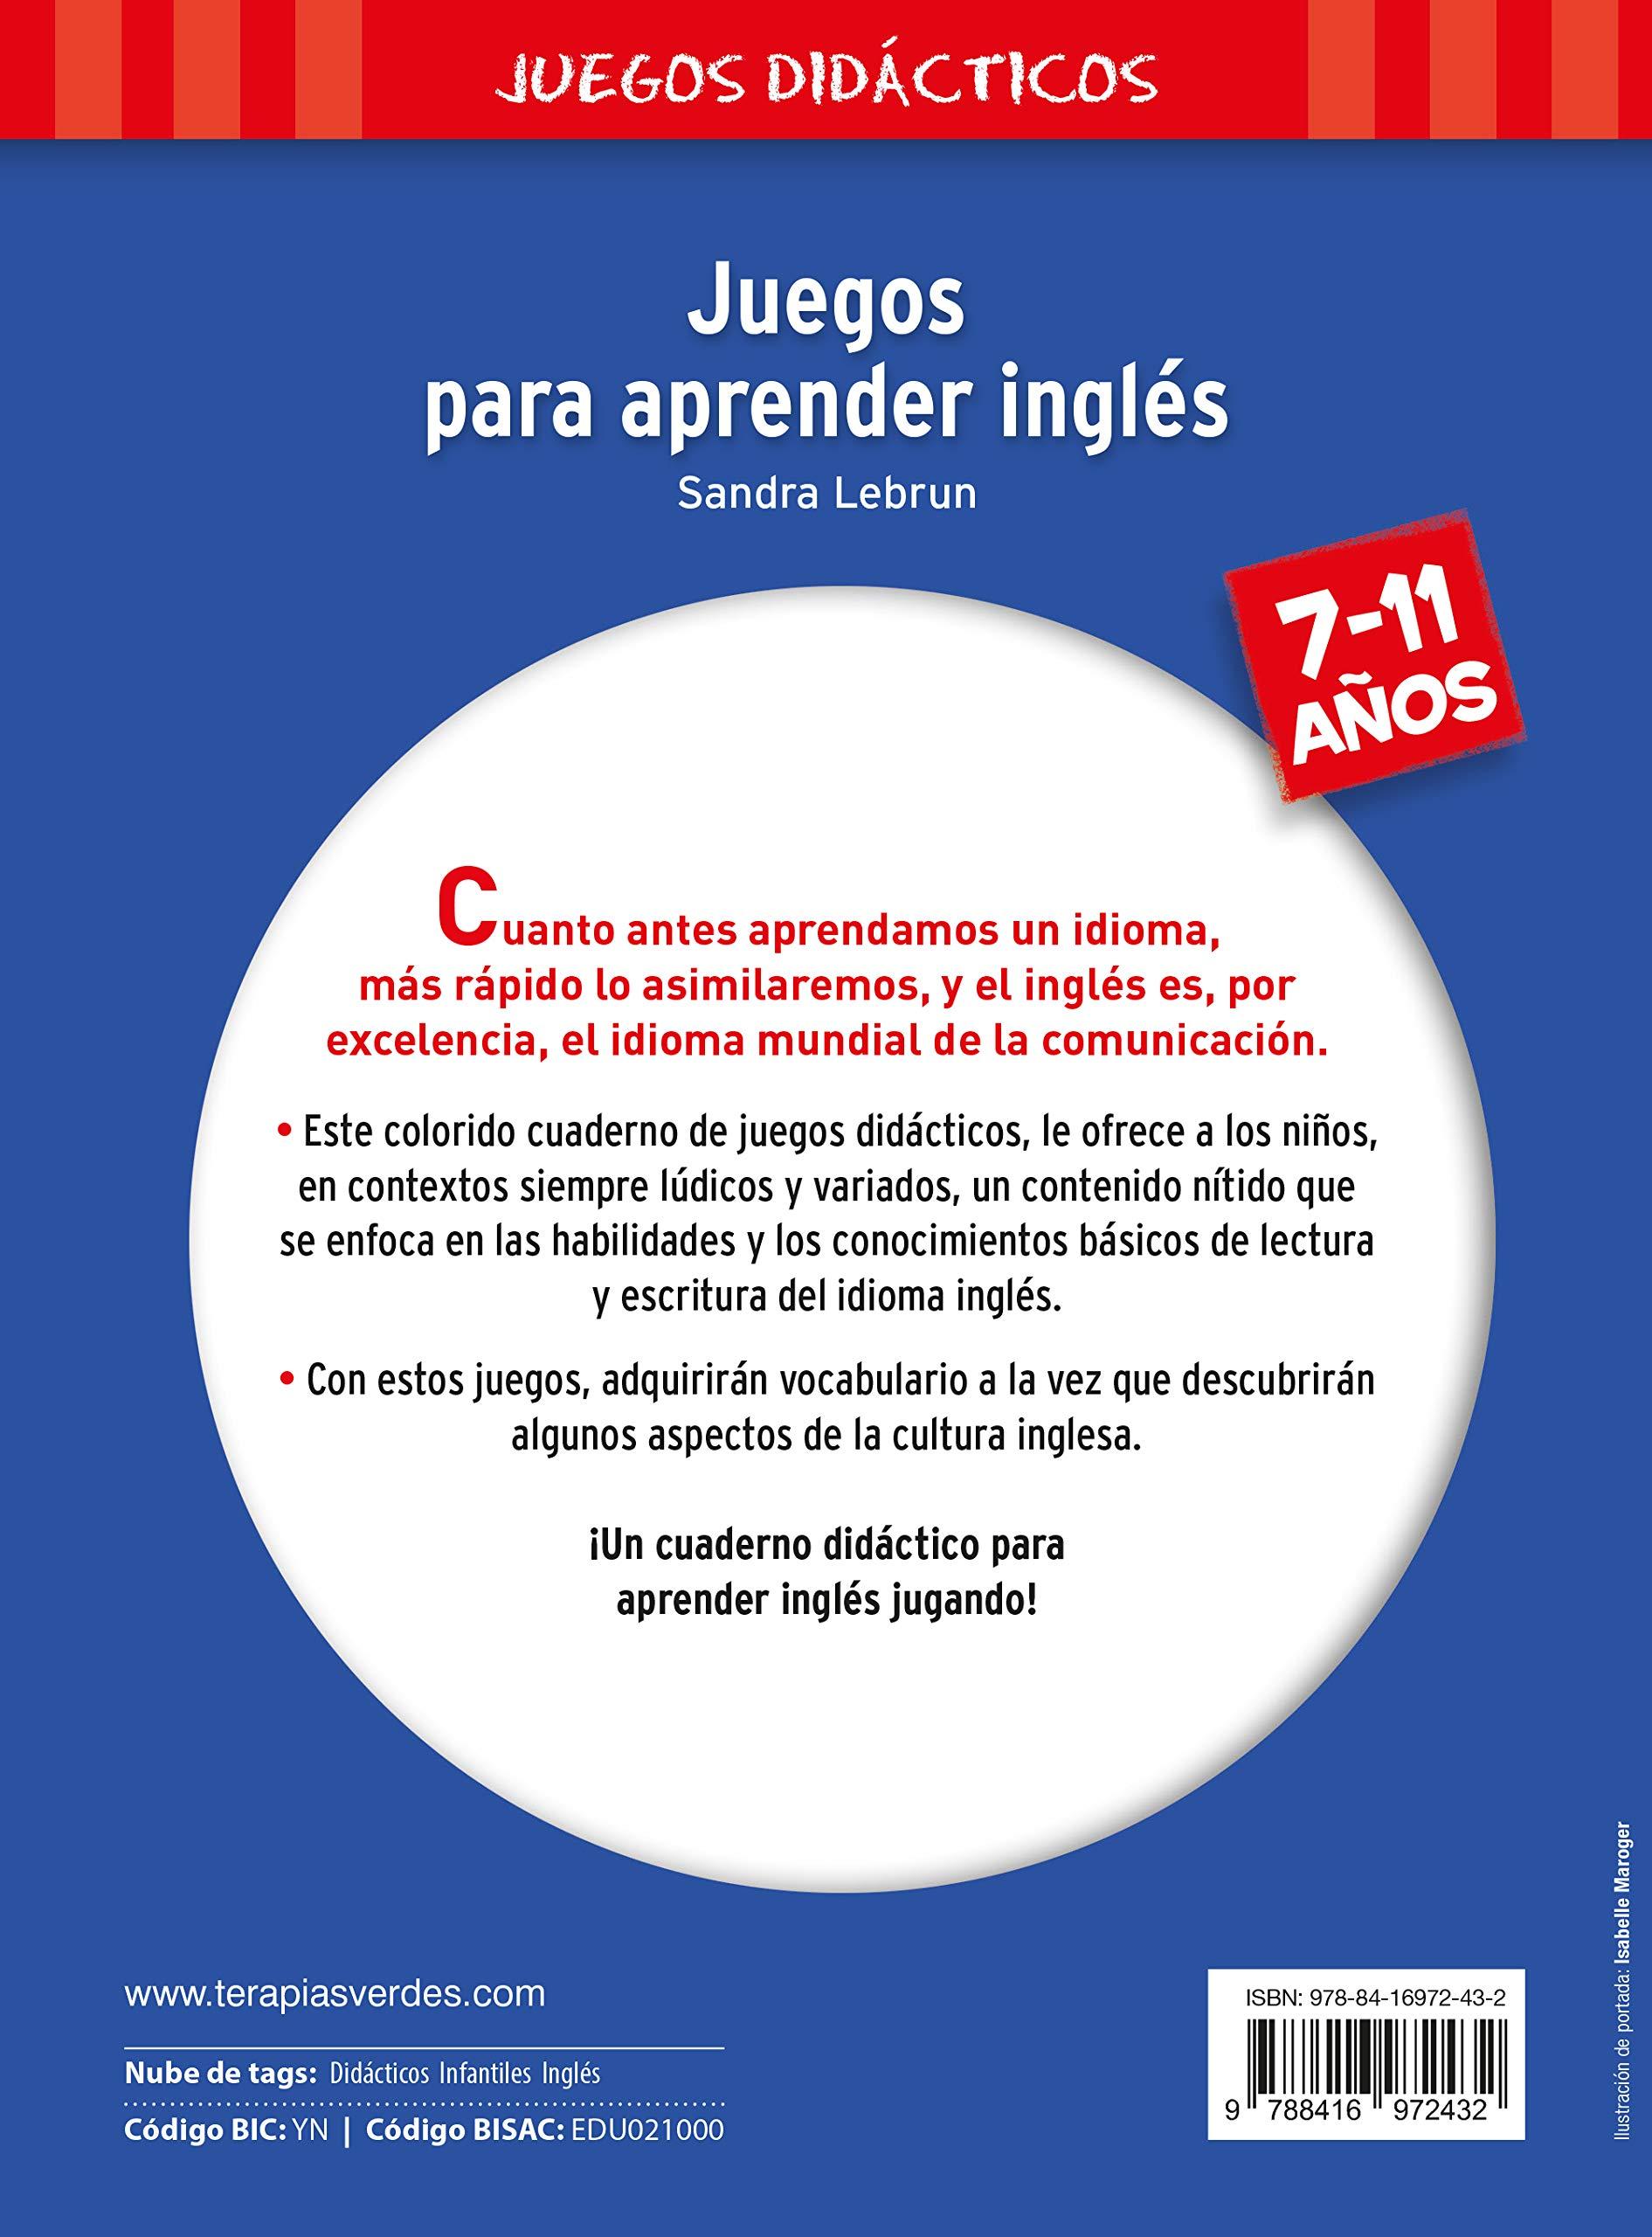 JUEGOS PARA APRENDER INGLES Terapias Juegos Didácticos: Amazon.es: J. L.  CARON, SANDRA LEBRUN, Nuria Viver Barri: Libros